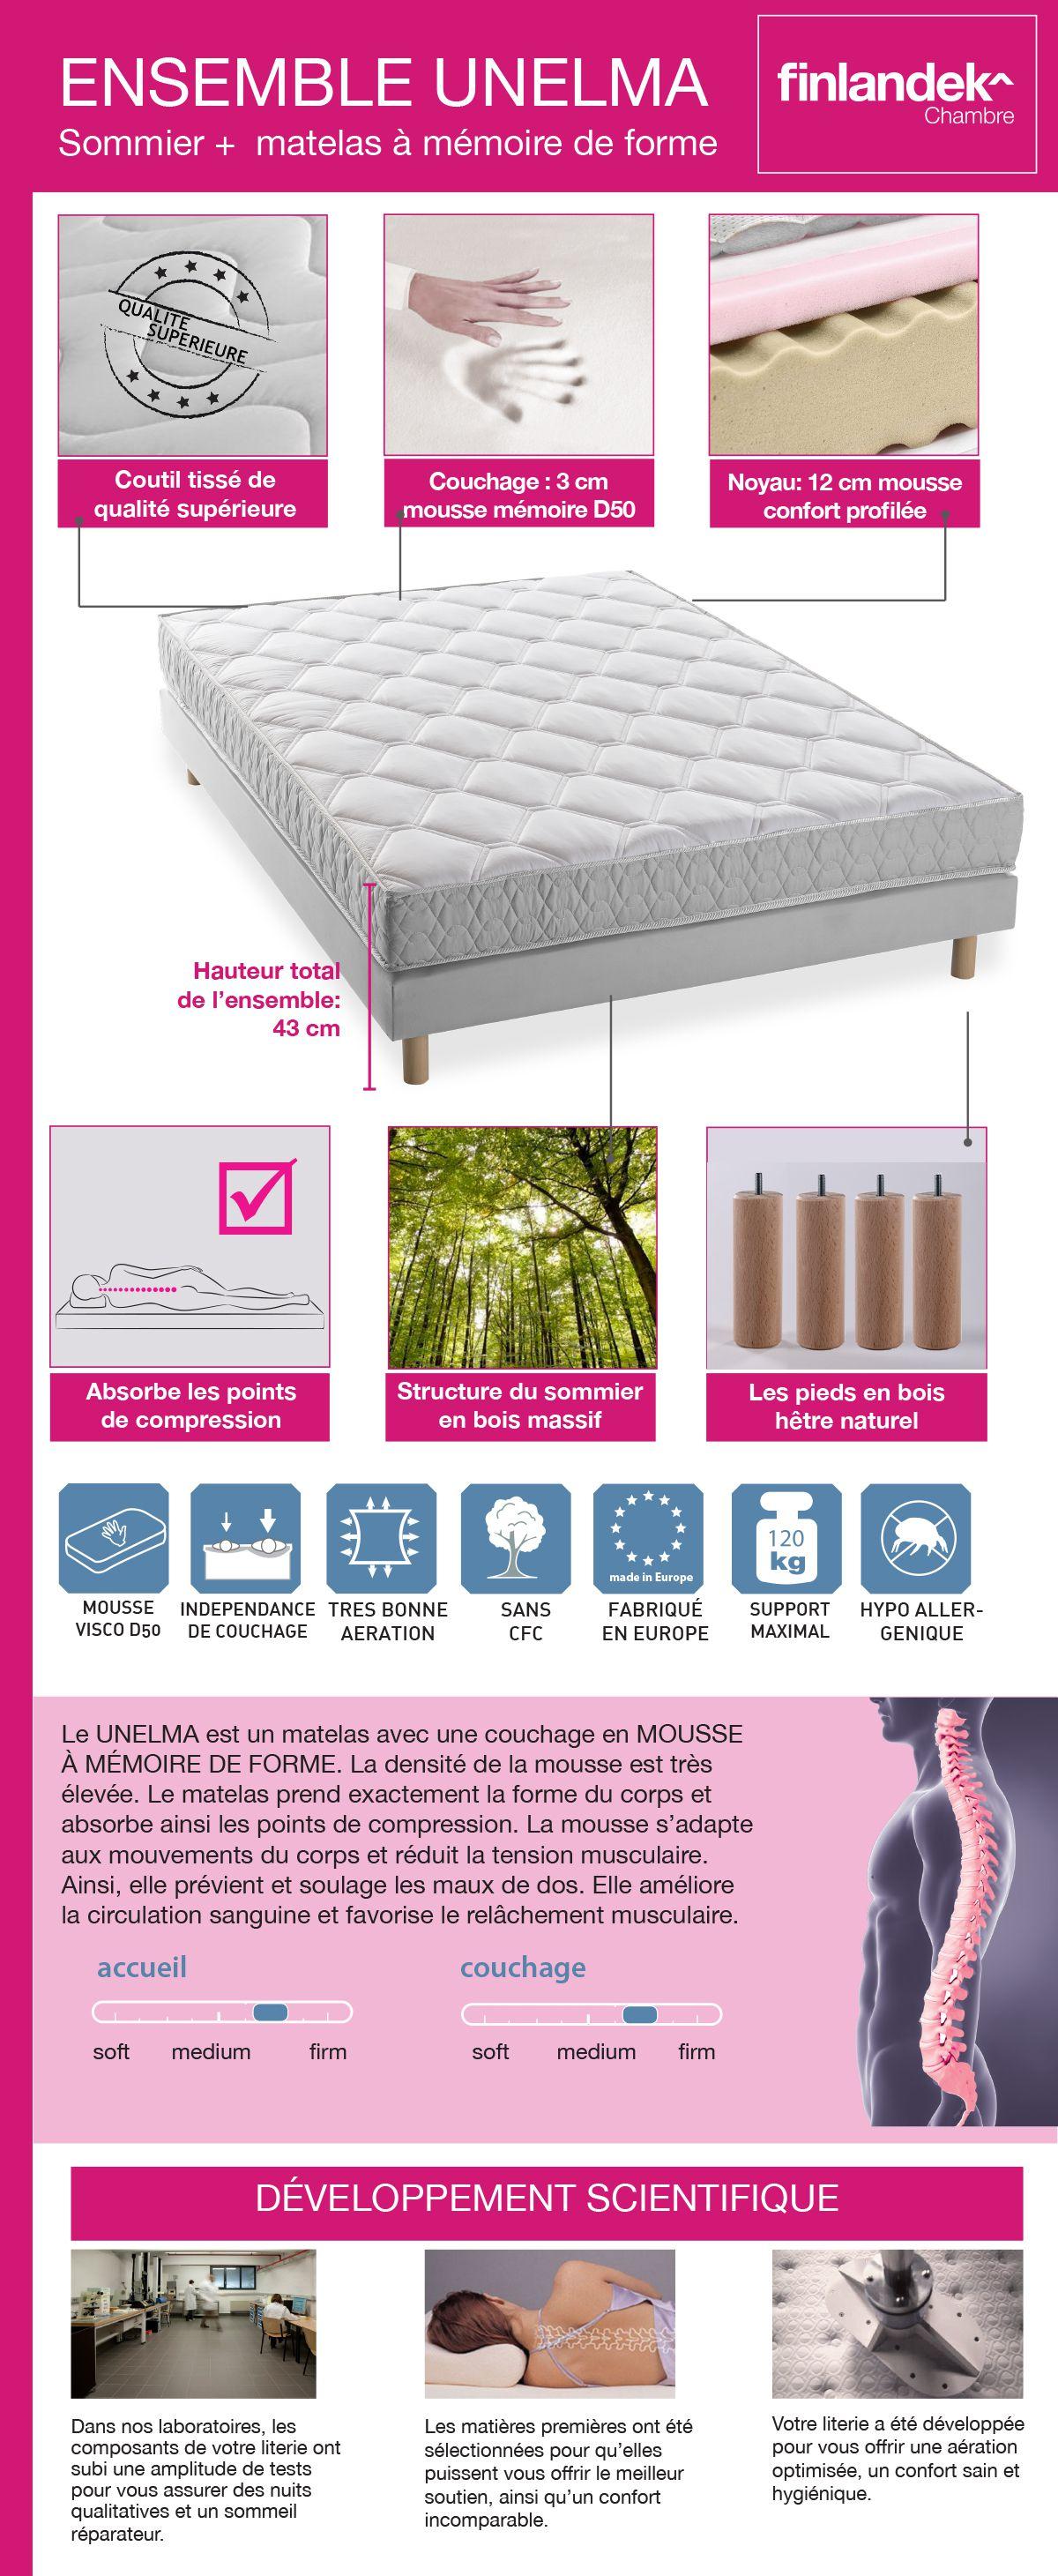 matelas memoire de forme mal de dos quel matelas choisir pour mal de dos appartenant meilleur. Black Bedroom Furniture Sets. Home Design Ideas